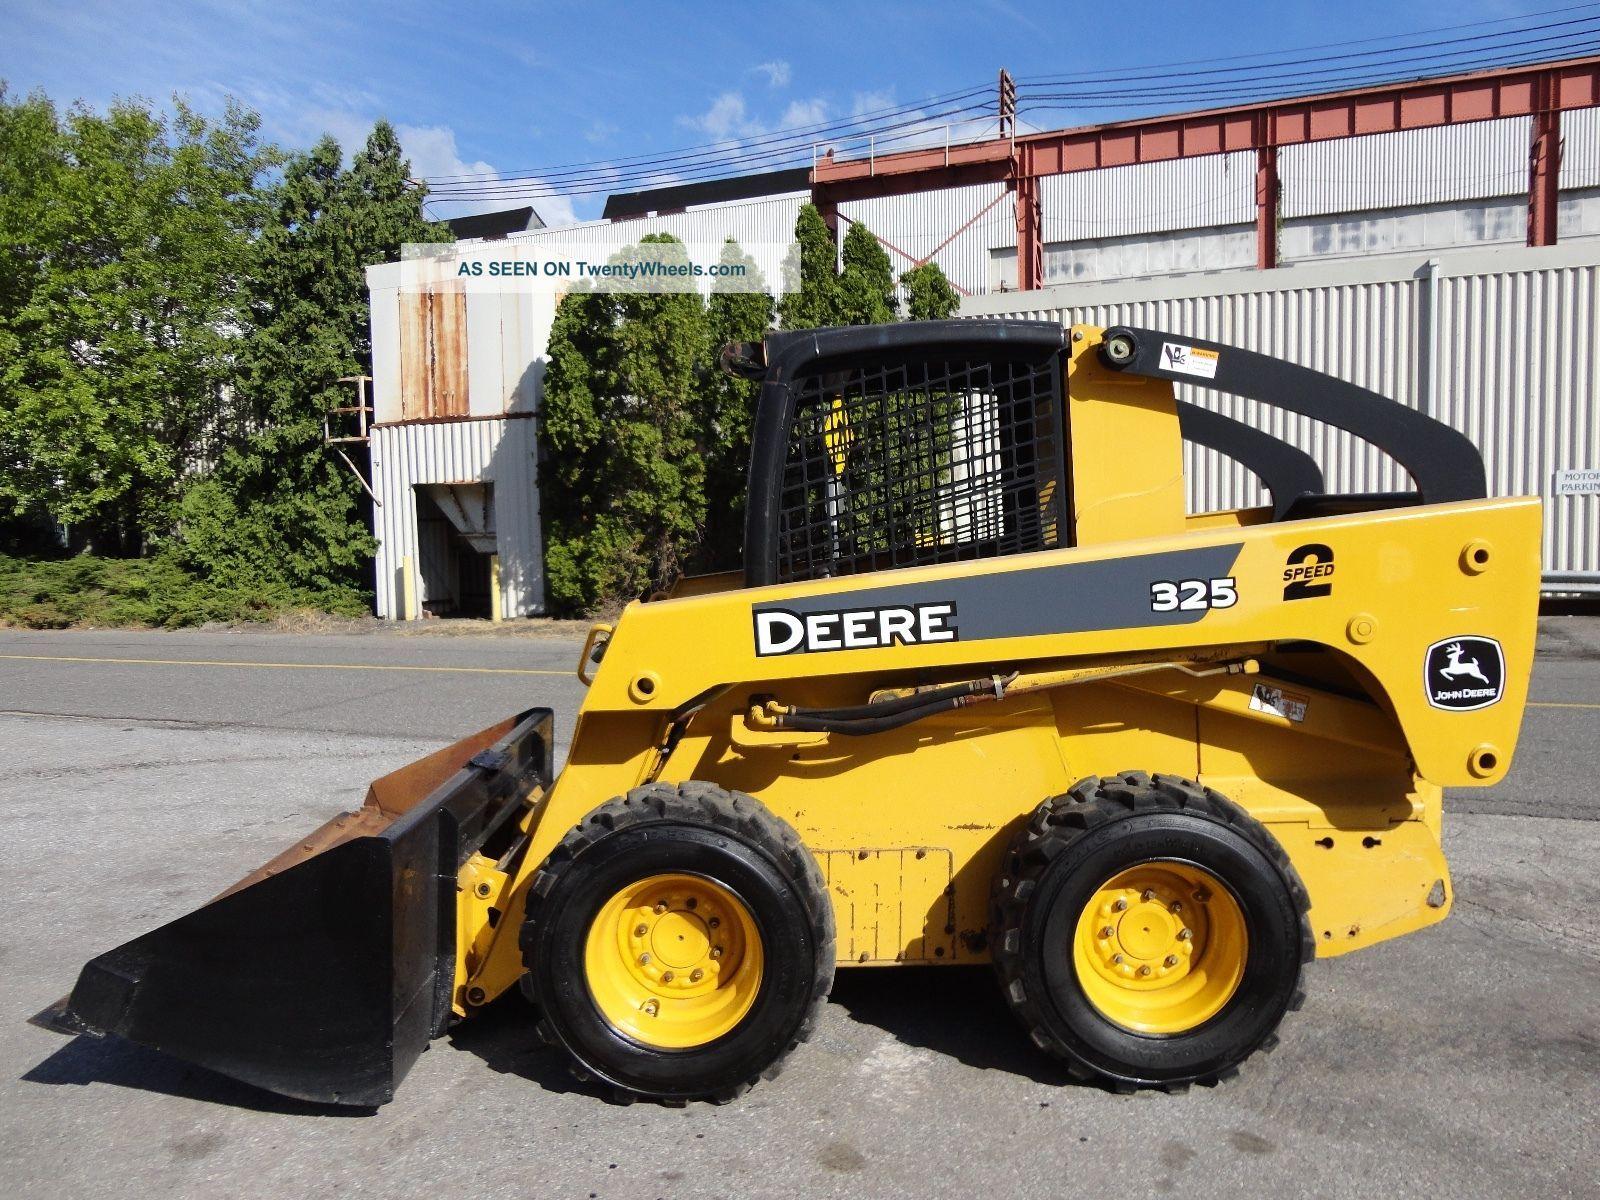 John Deere Skid Steer Attachments : John deere speed wheel skid steer tires diesel